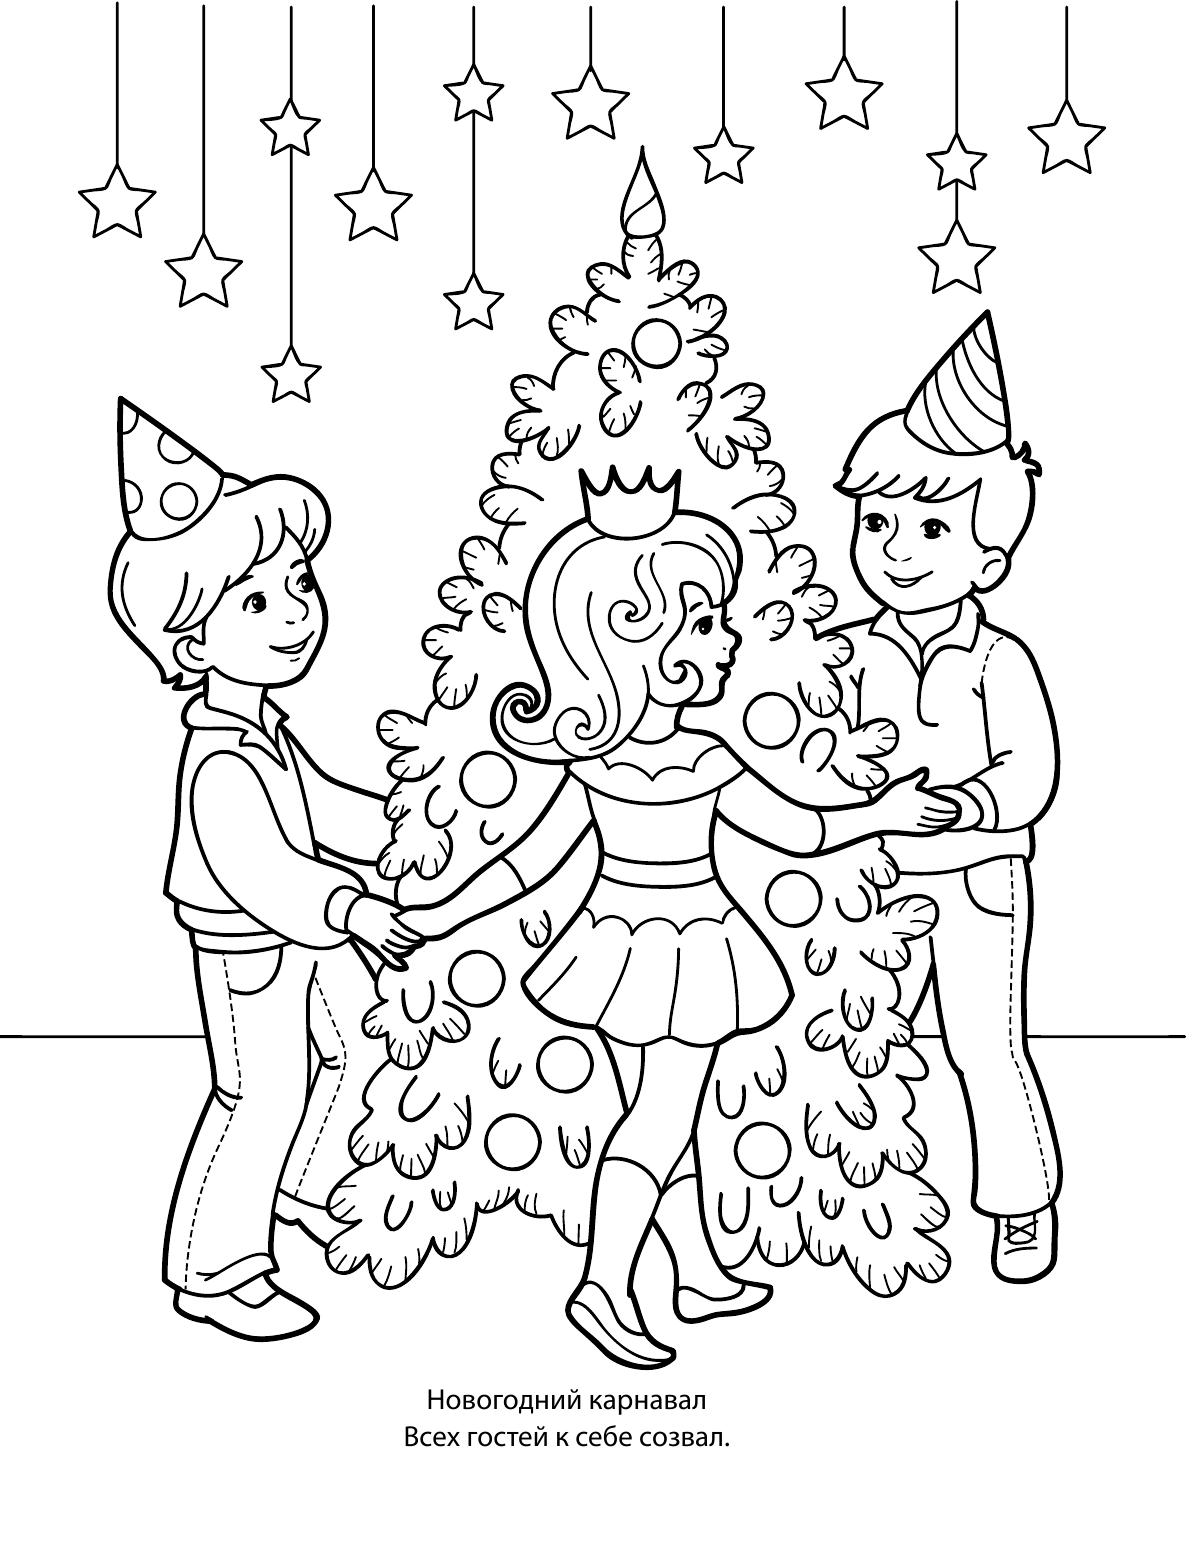 Картина раскраска новогодняя